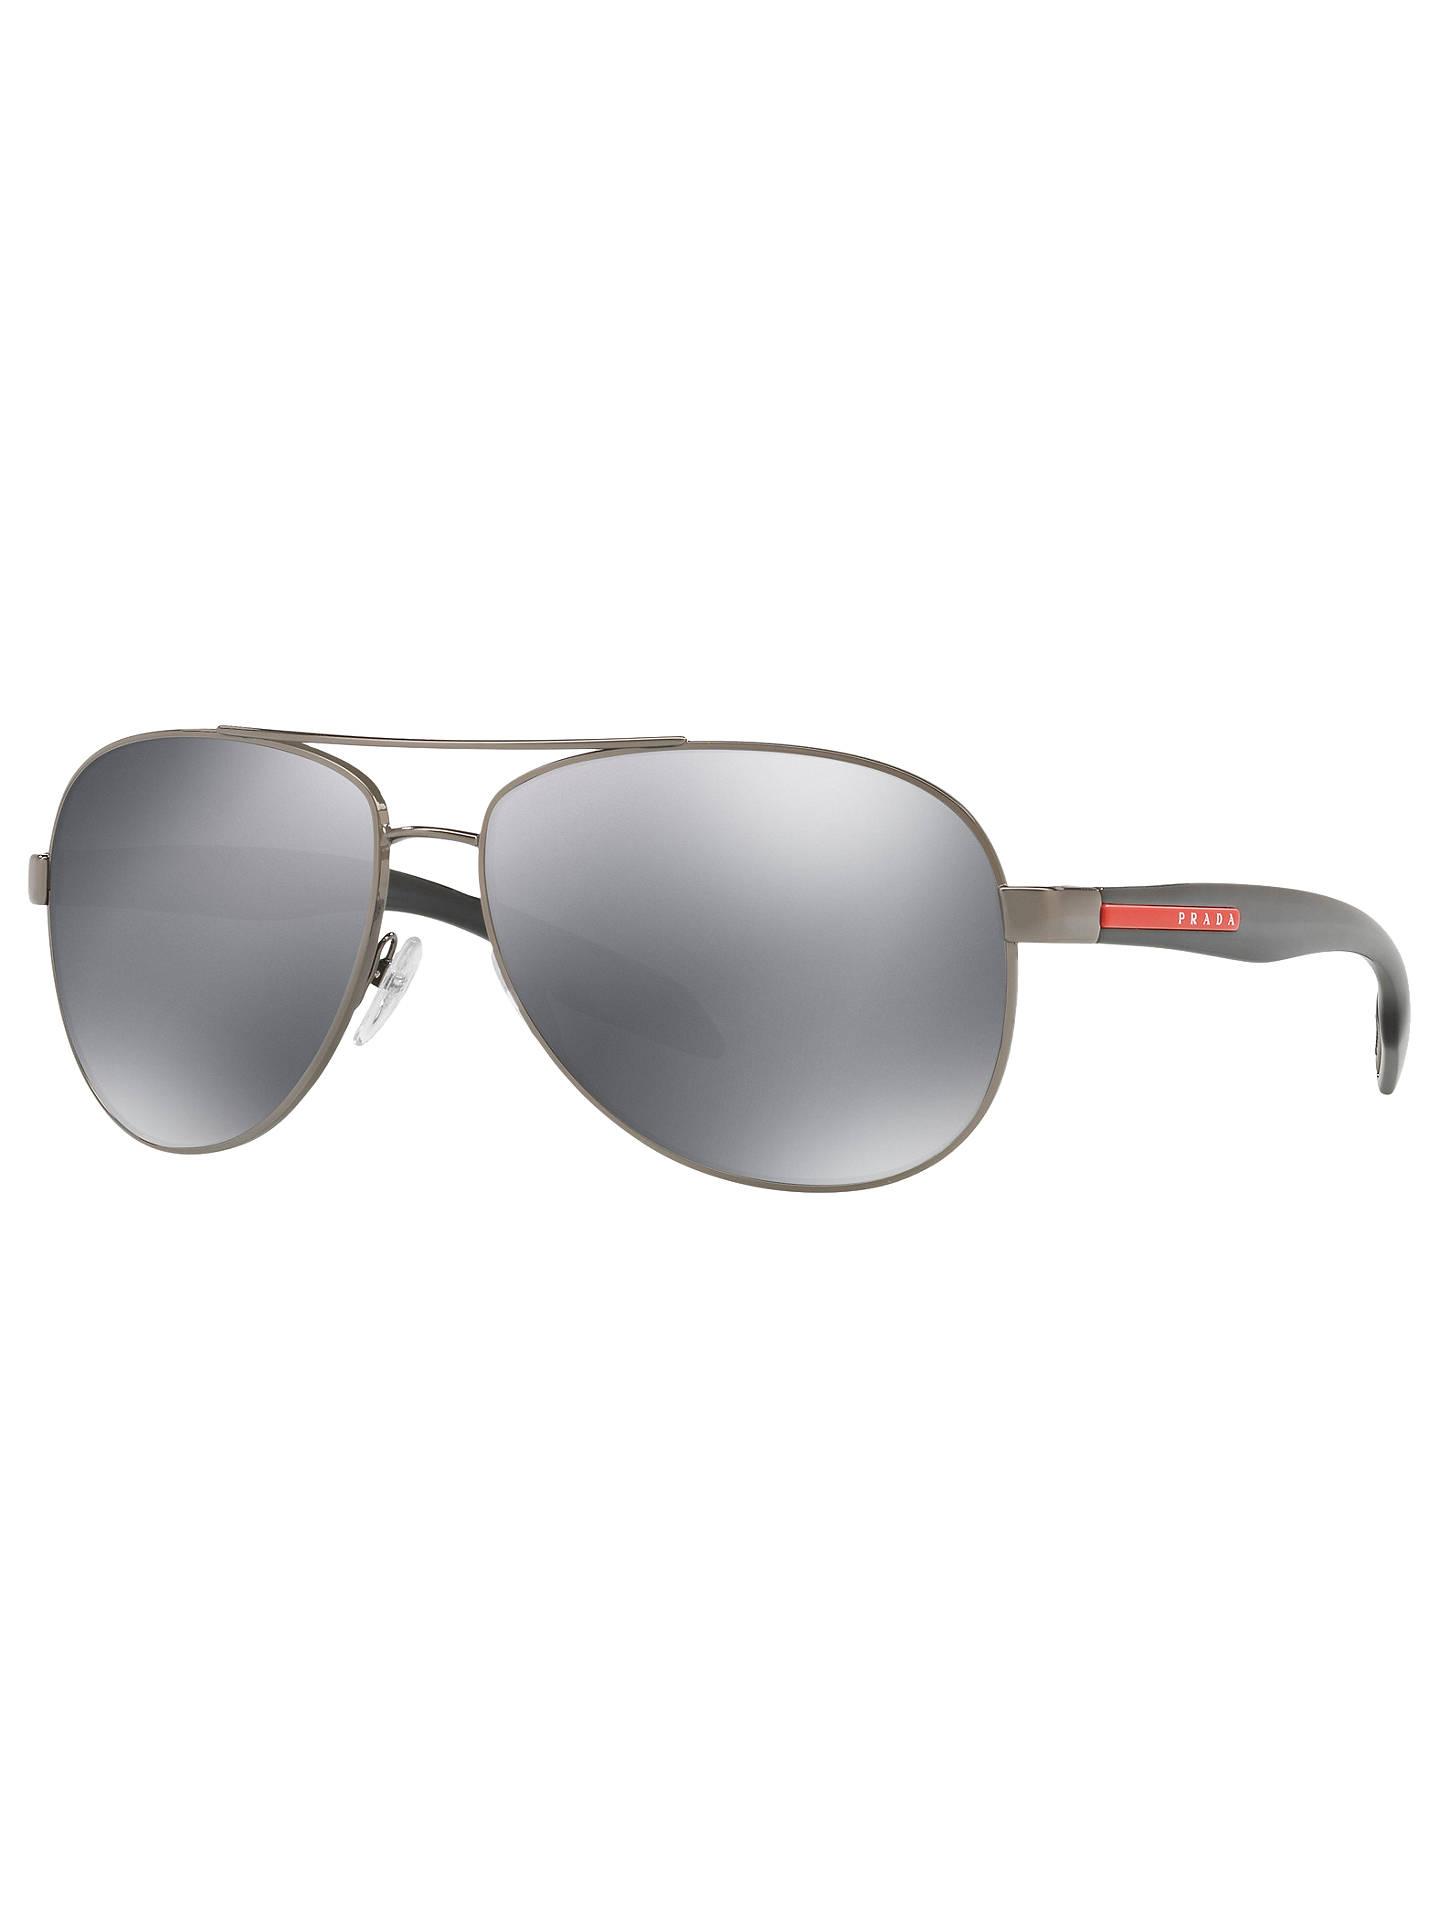 9034e55fef8 Buy Prada Linea Rossa PS 53PS Aviator Sunglasses